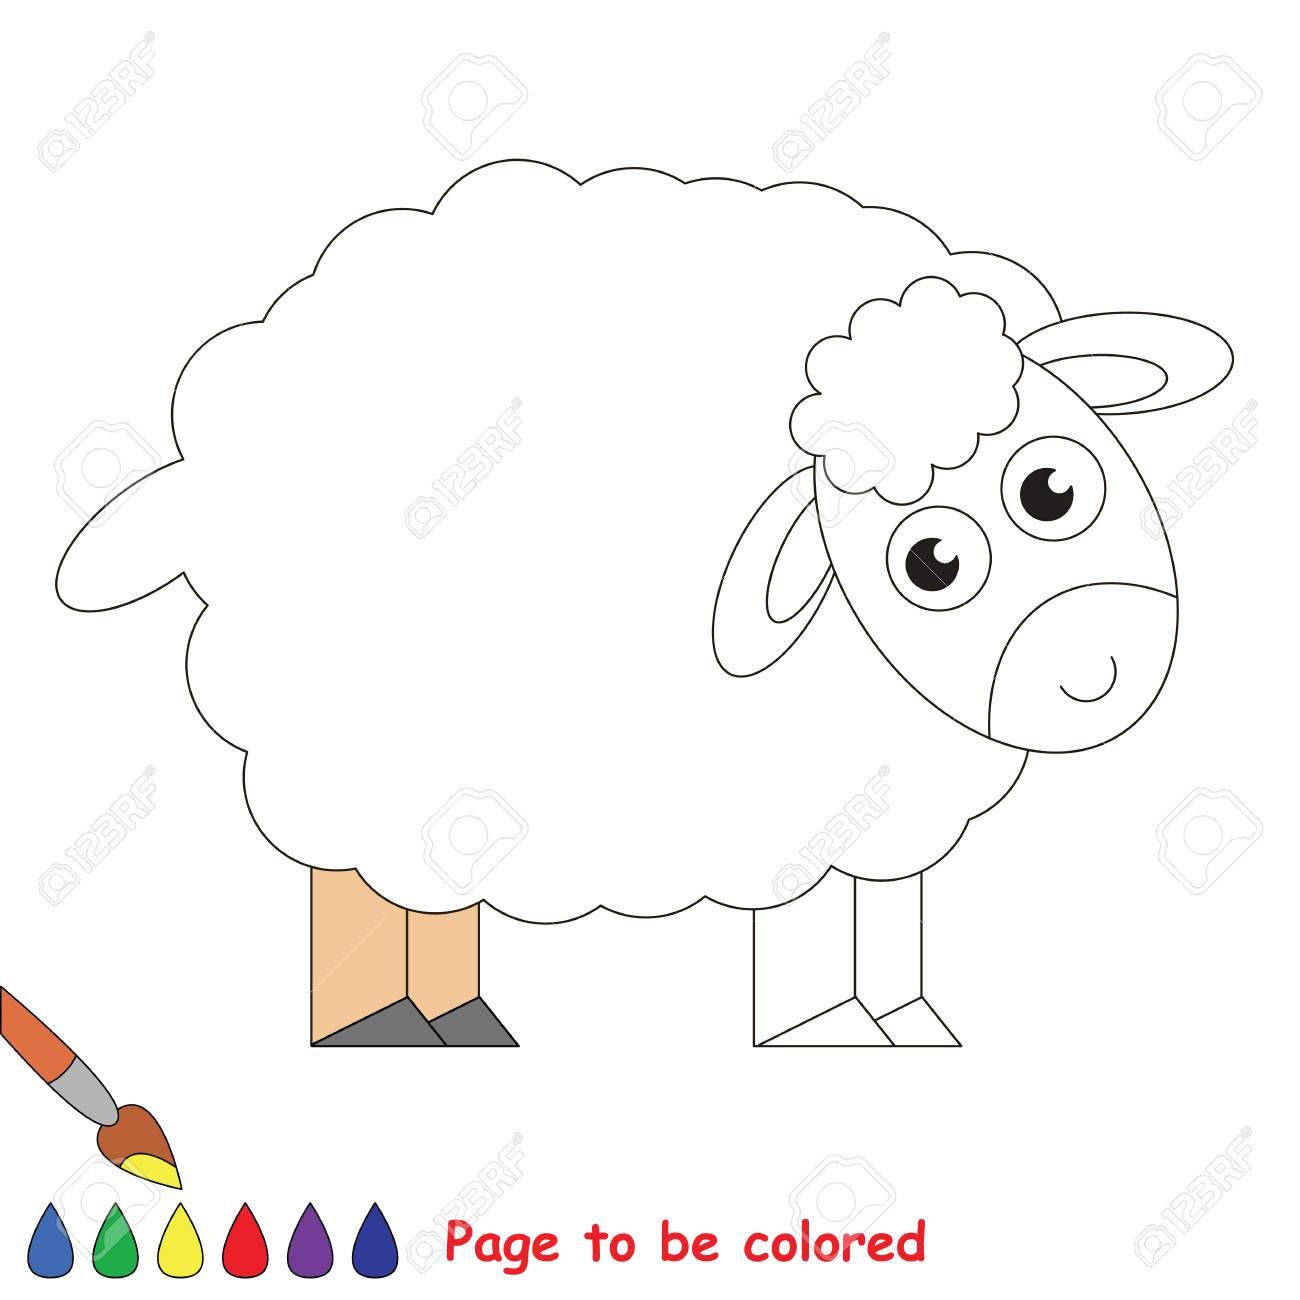 Vettoriale Cute Pecore Da Colorare Il Libro Da Colorare Per Educare I Bambini In Eta Prescolare Con Giochi Educativi Per Bambini Facili E L Istruzione Primaria Di Semplice Livello Di Gioco Image